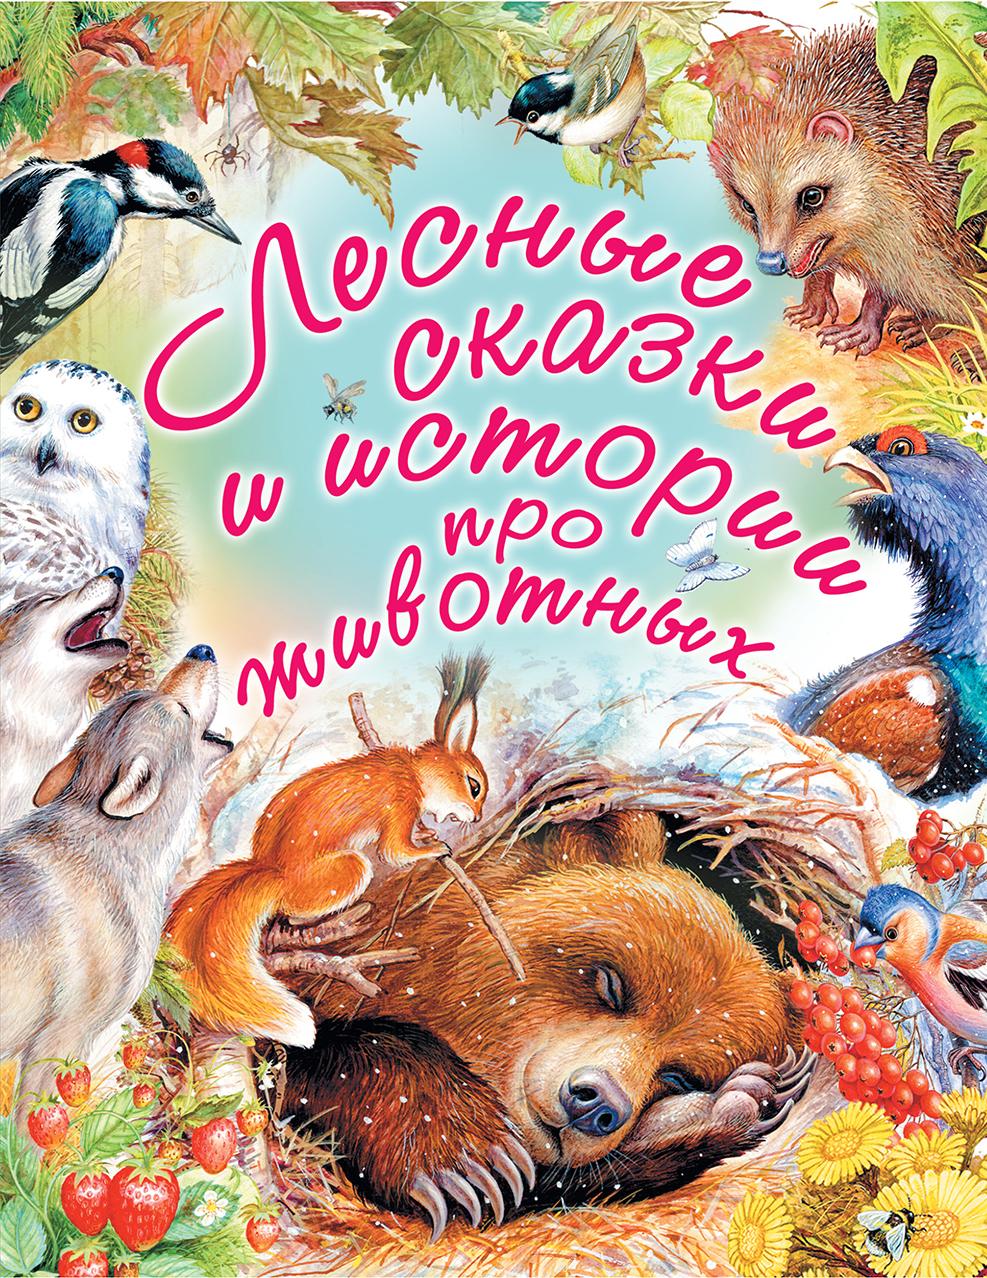 Паустовский К.Г. Лесные сказки и истории про животных